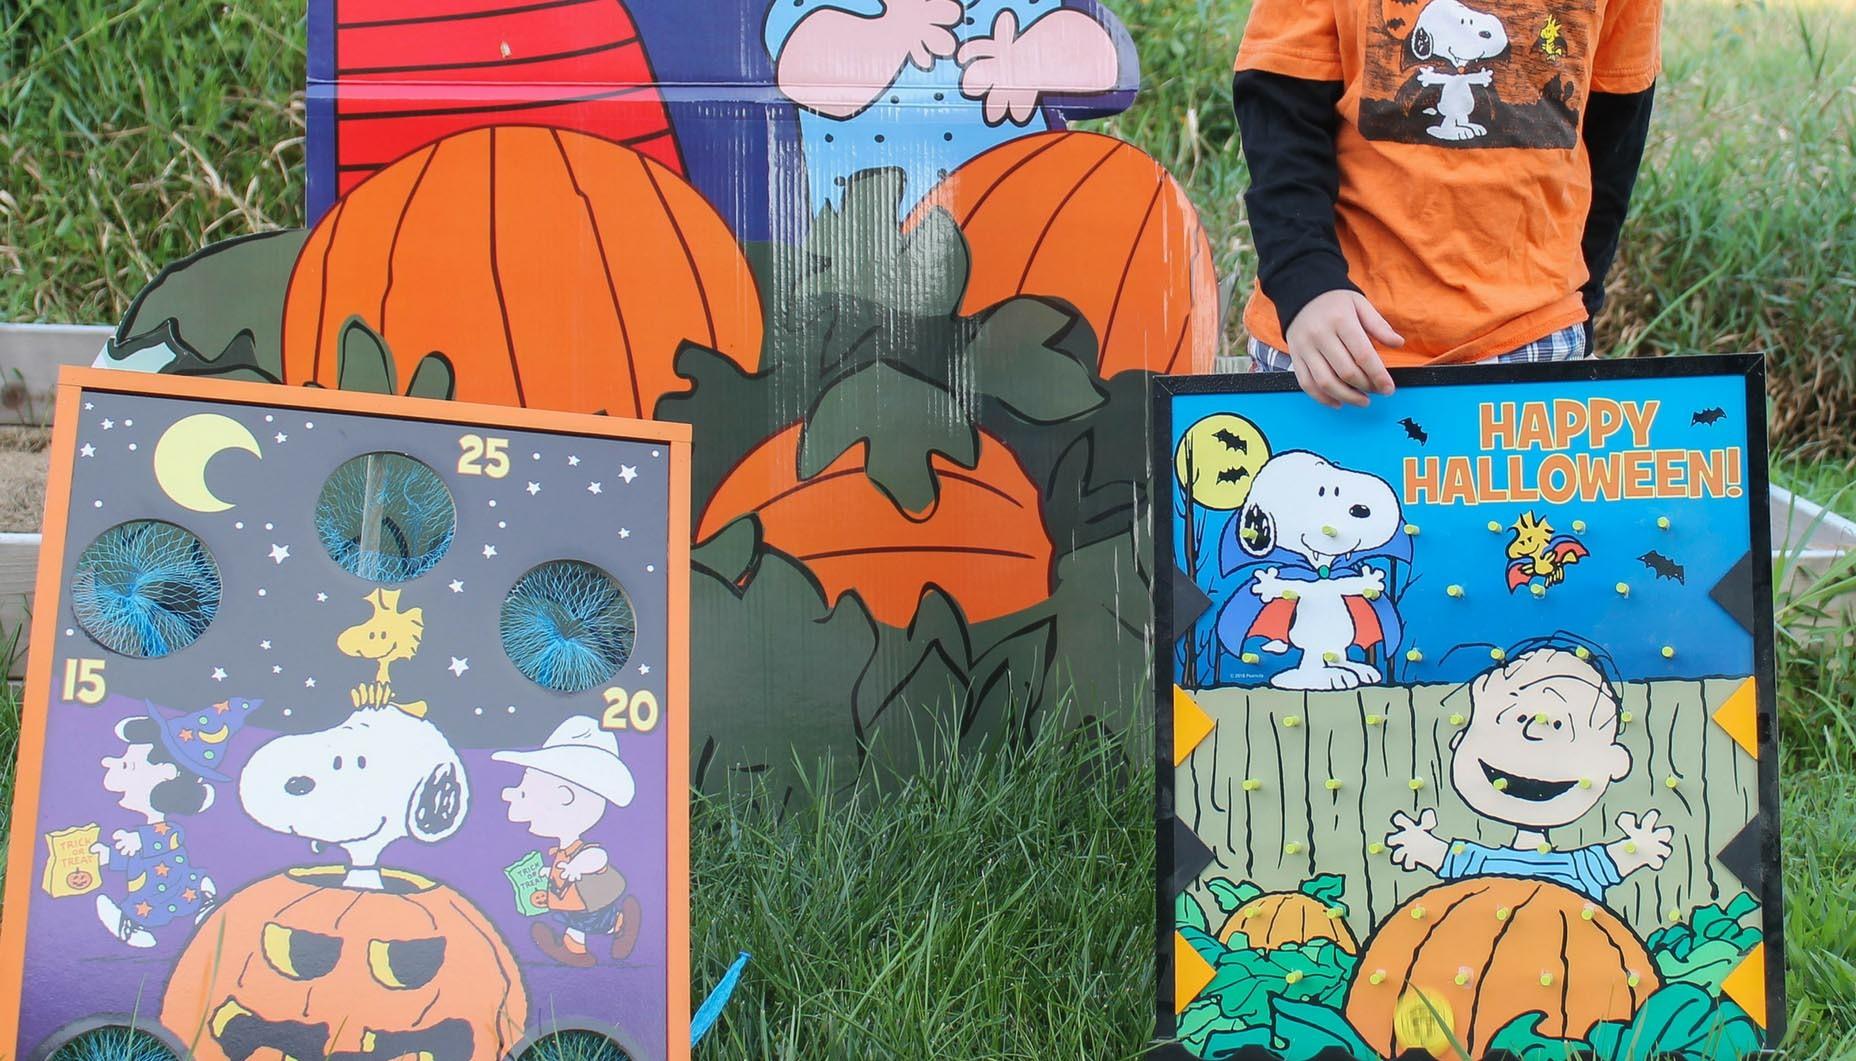 Charlie Brown Halloween Door Decorations  from cl-drupal.orientaltrading.com